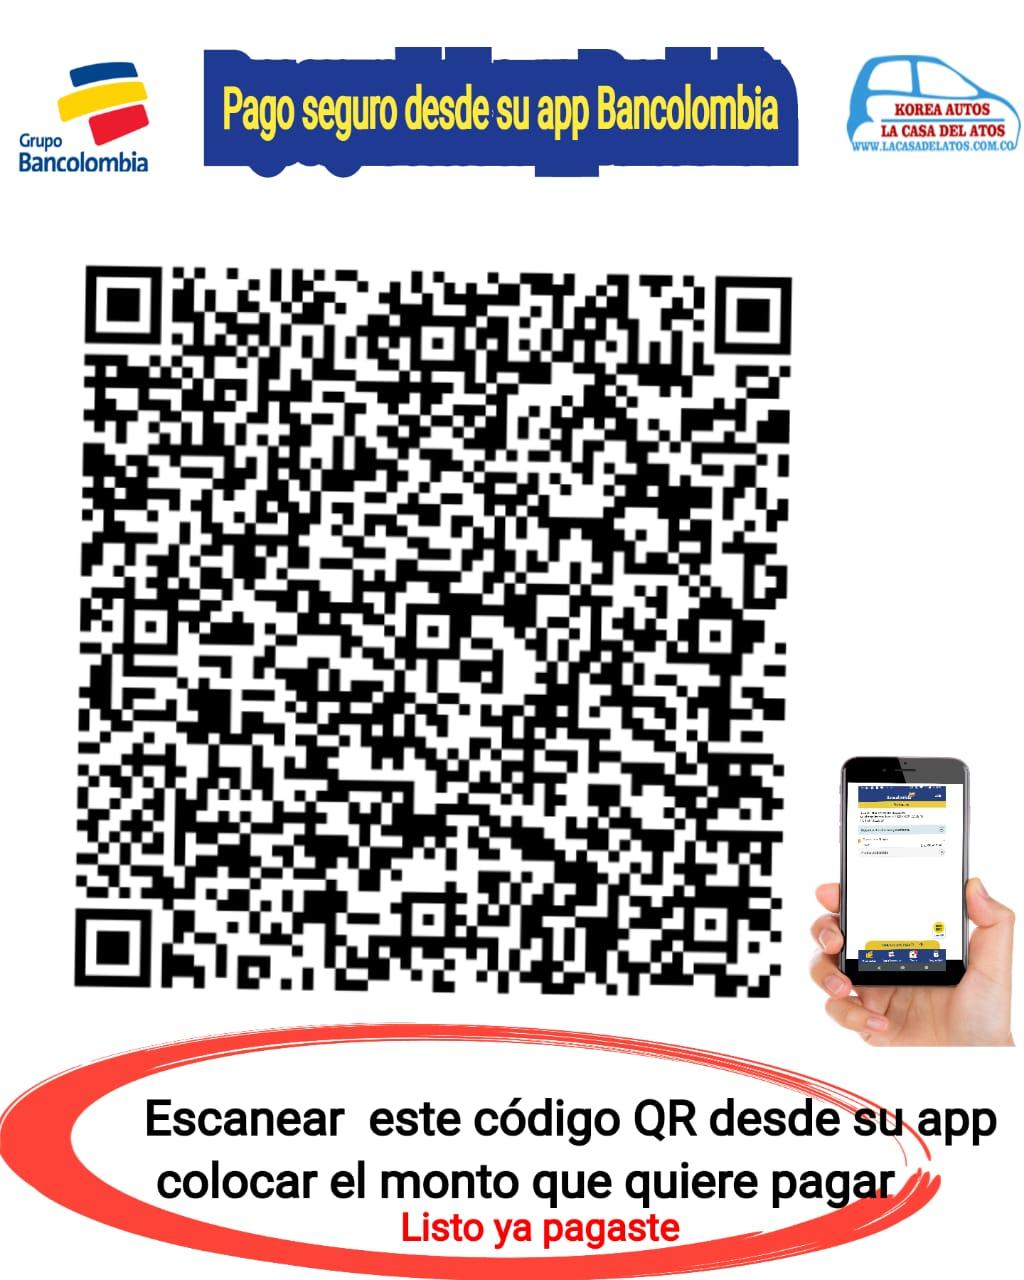 pga en nuestra web lacasadelatos.com.co desde bancolombia